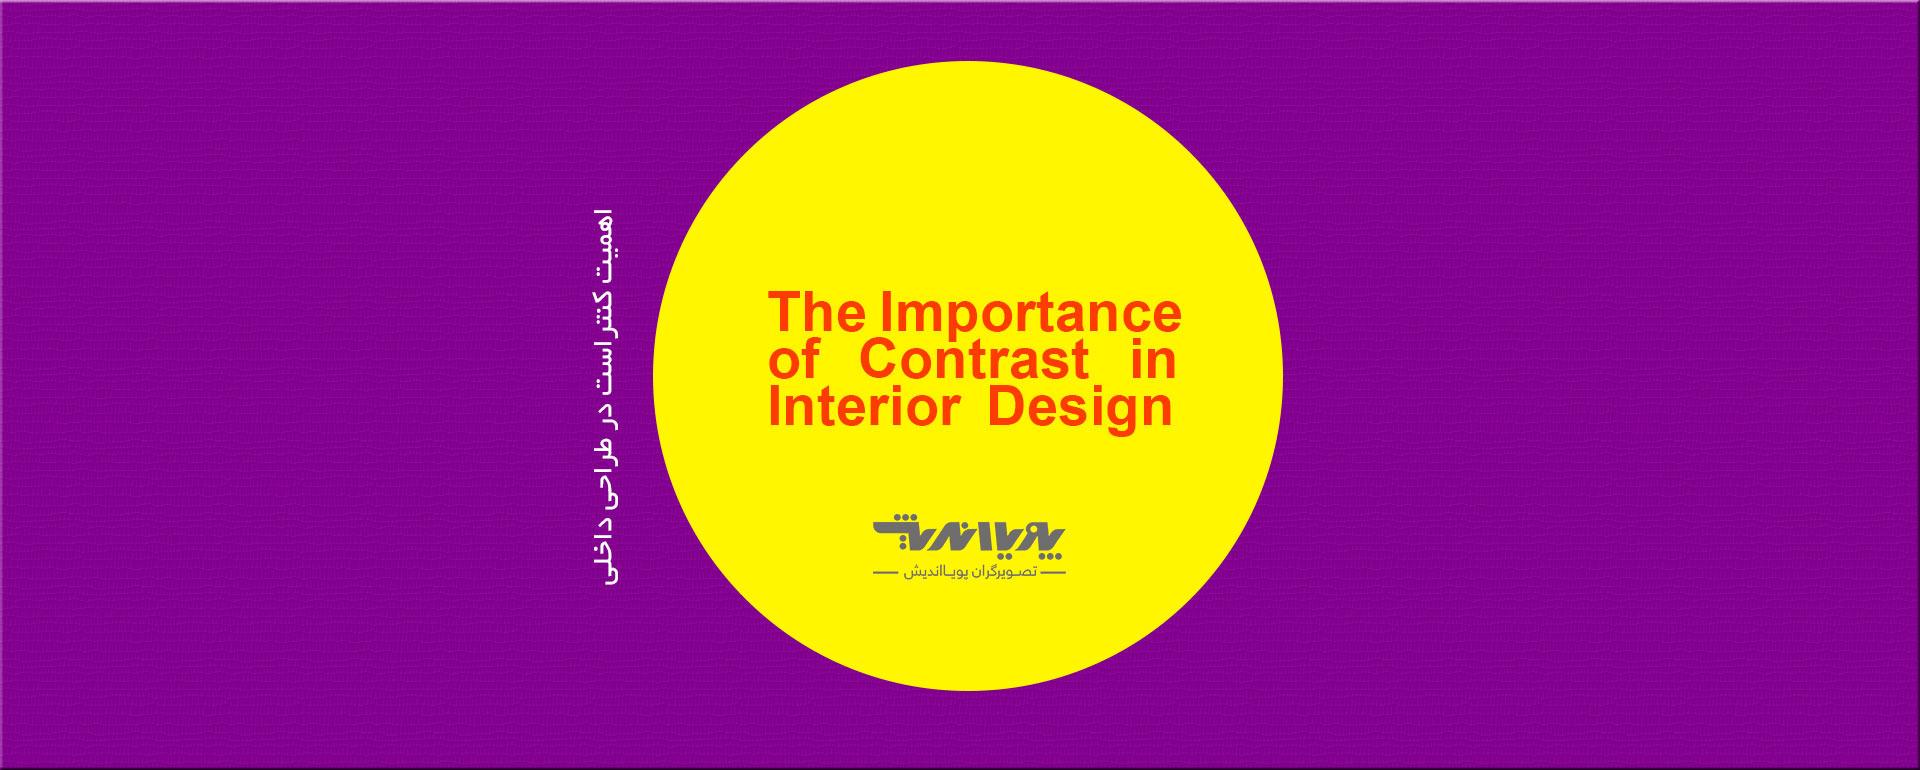 The Importance of Contrast in Interior Design - اهمیت کنتراست در طراحی داخلی ( و نحوه ی استفاده ی صحیح از آن)